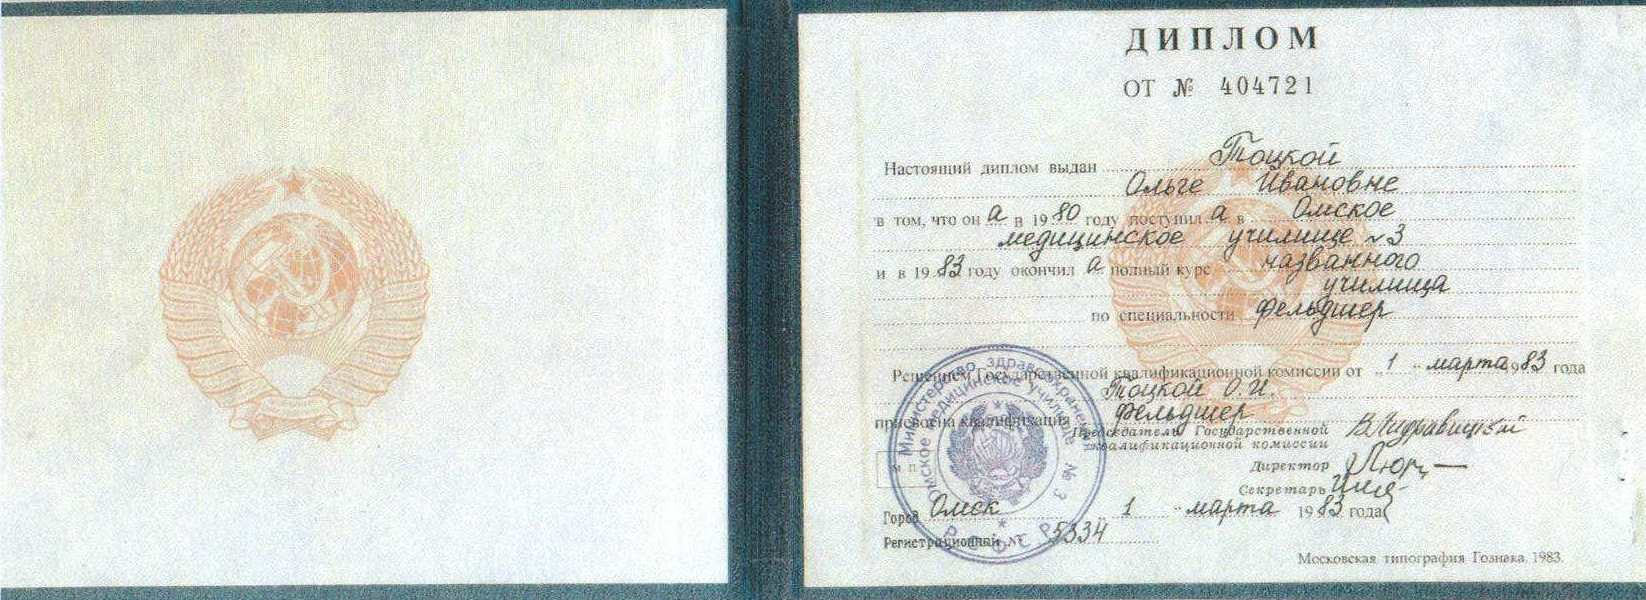 Диплом о получении квалификации фельдшер